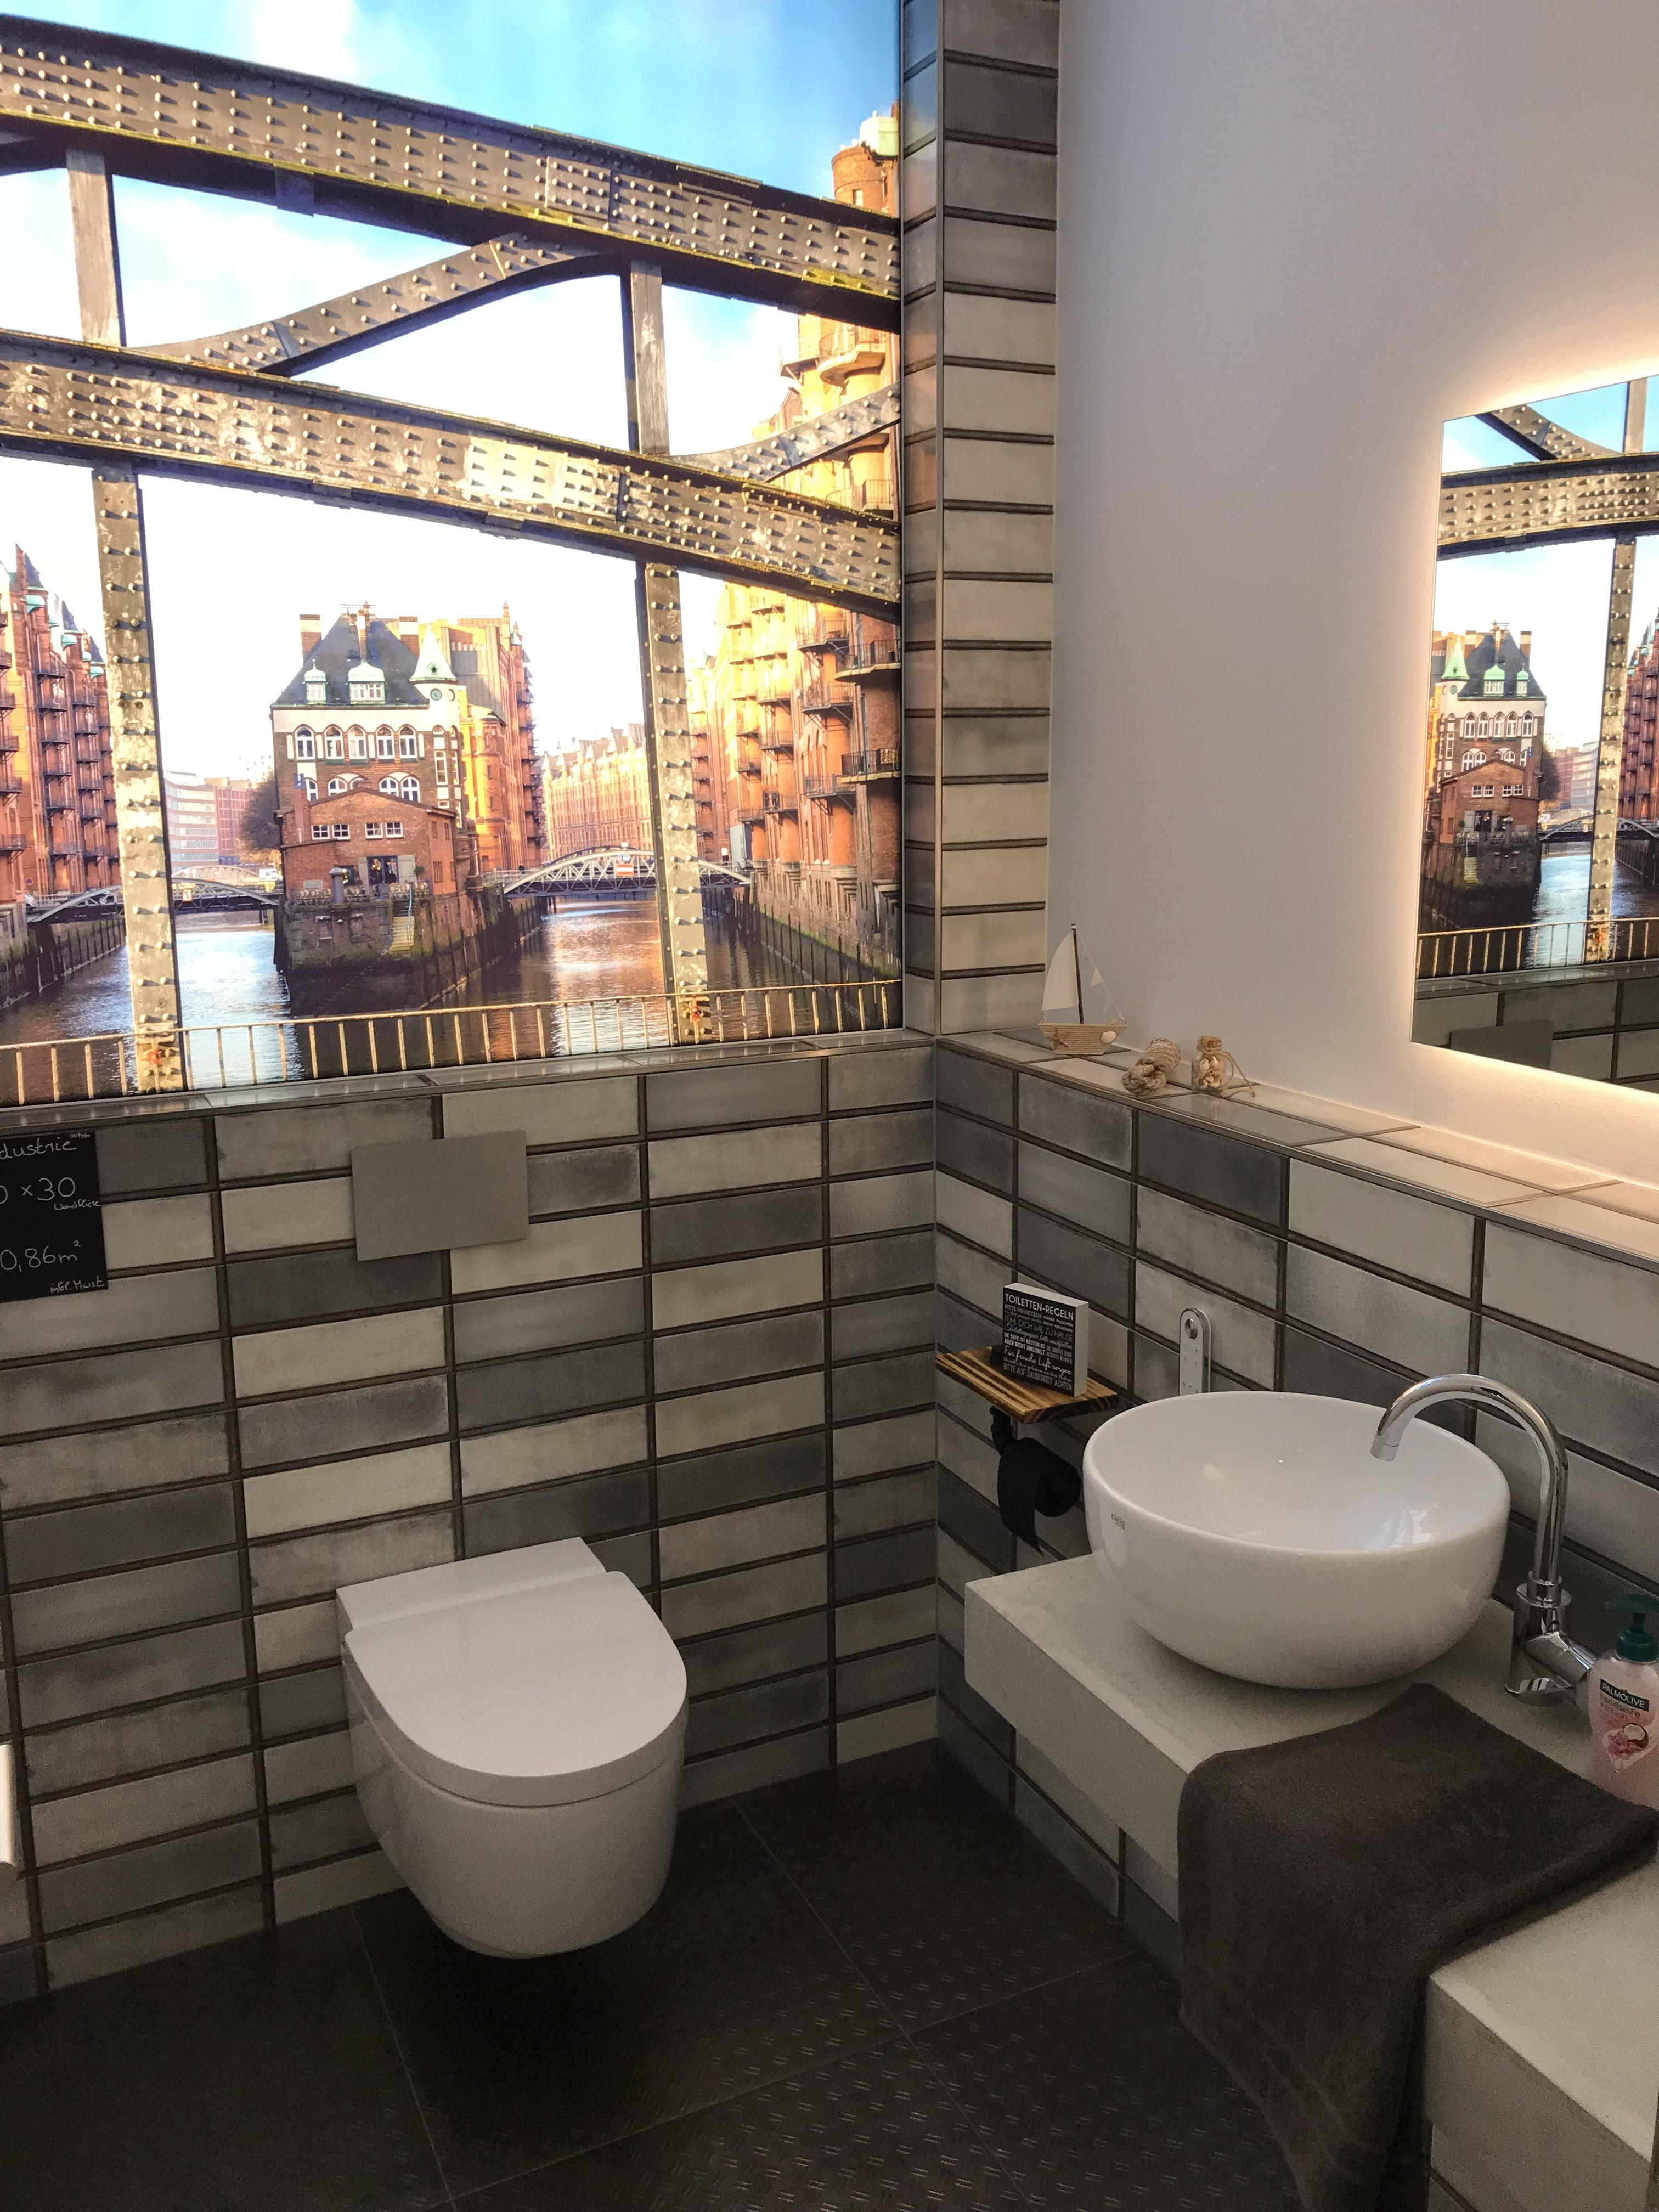 Duschbad Renovierung In Glinde Bei Hamburg Badgestaltung Kleine